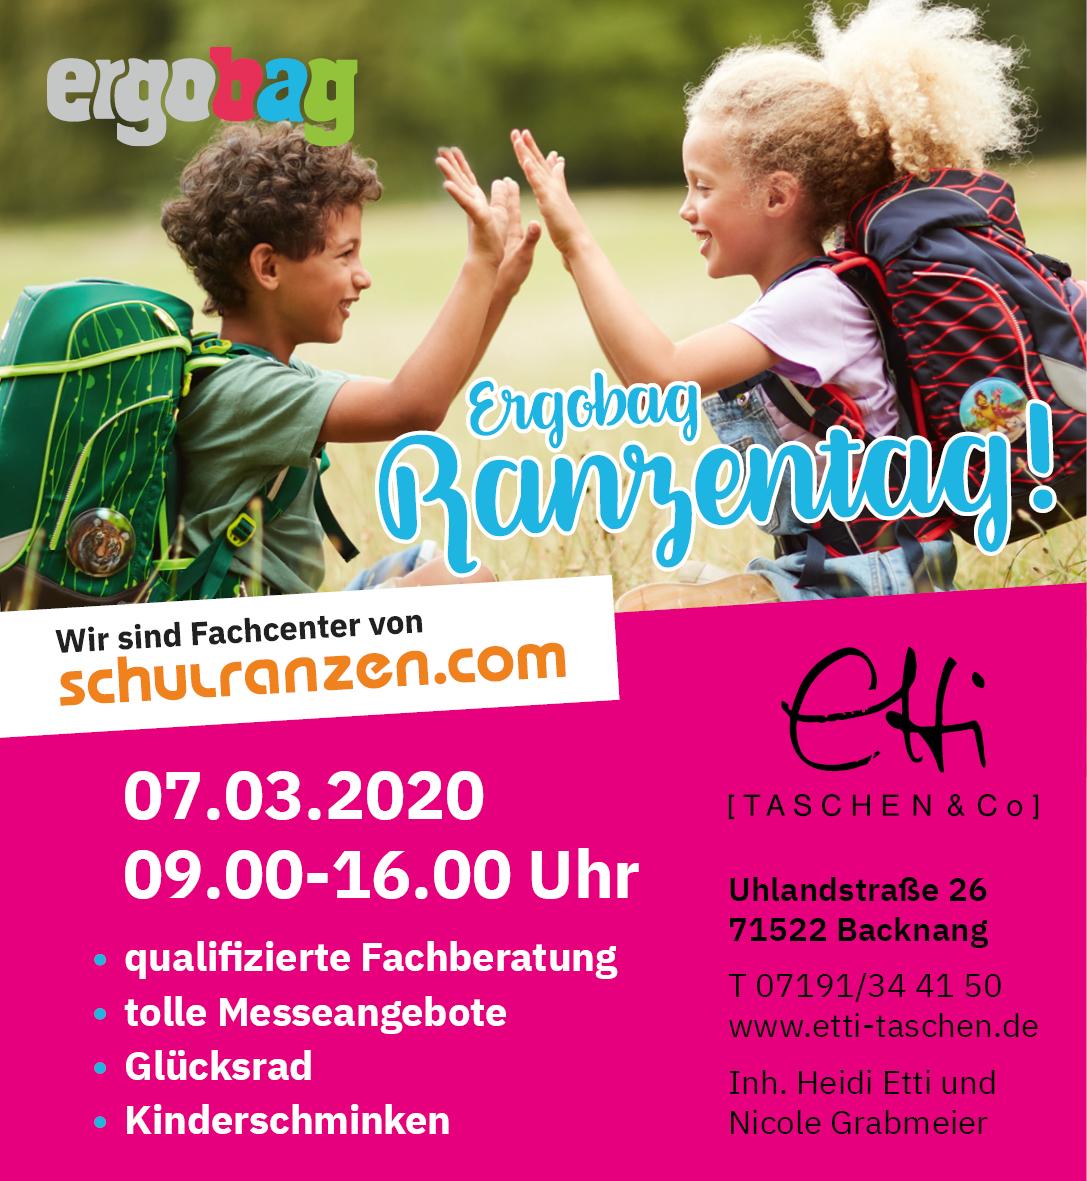 2020224-Final-Etti-Anzeige-Ergobag-Ranzentag